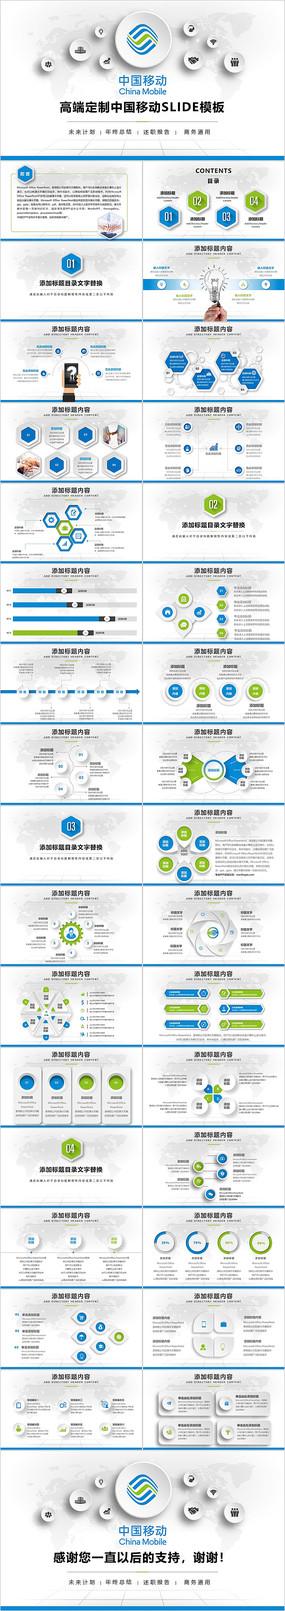 中国移动通信公司PPT模板